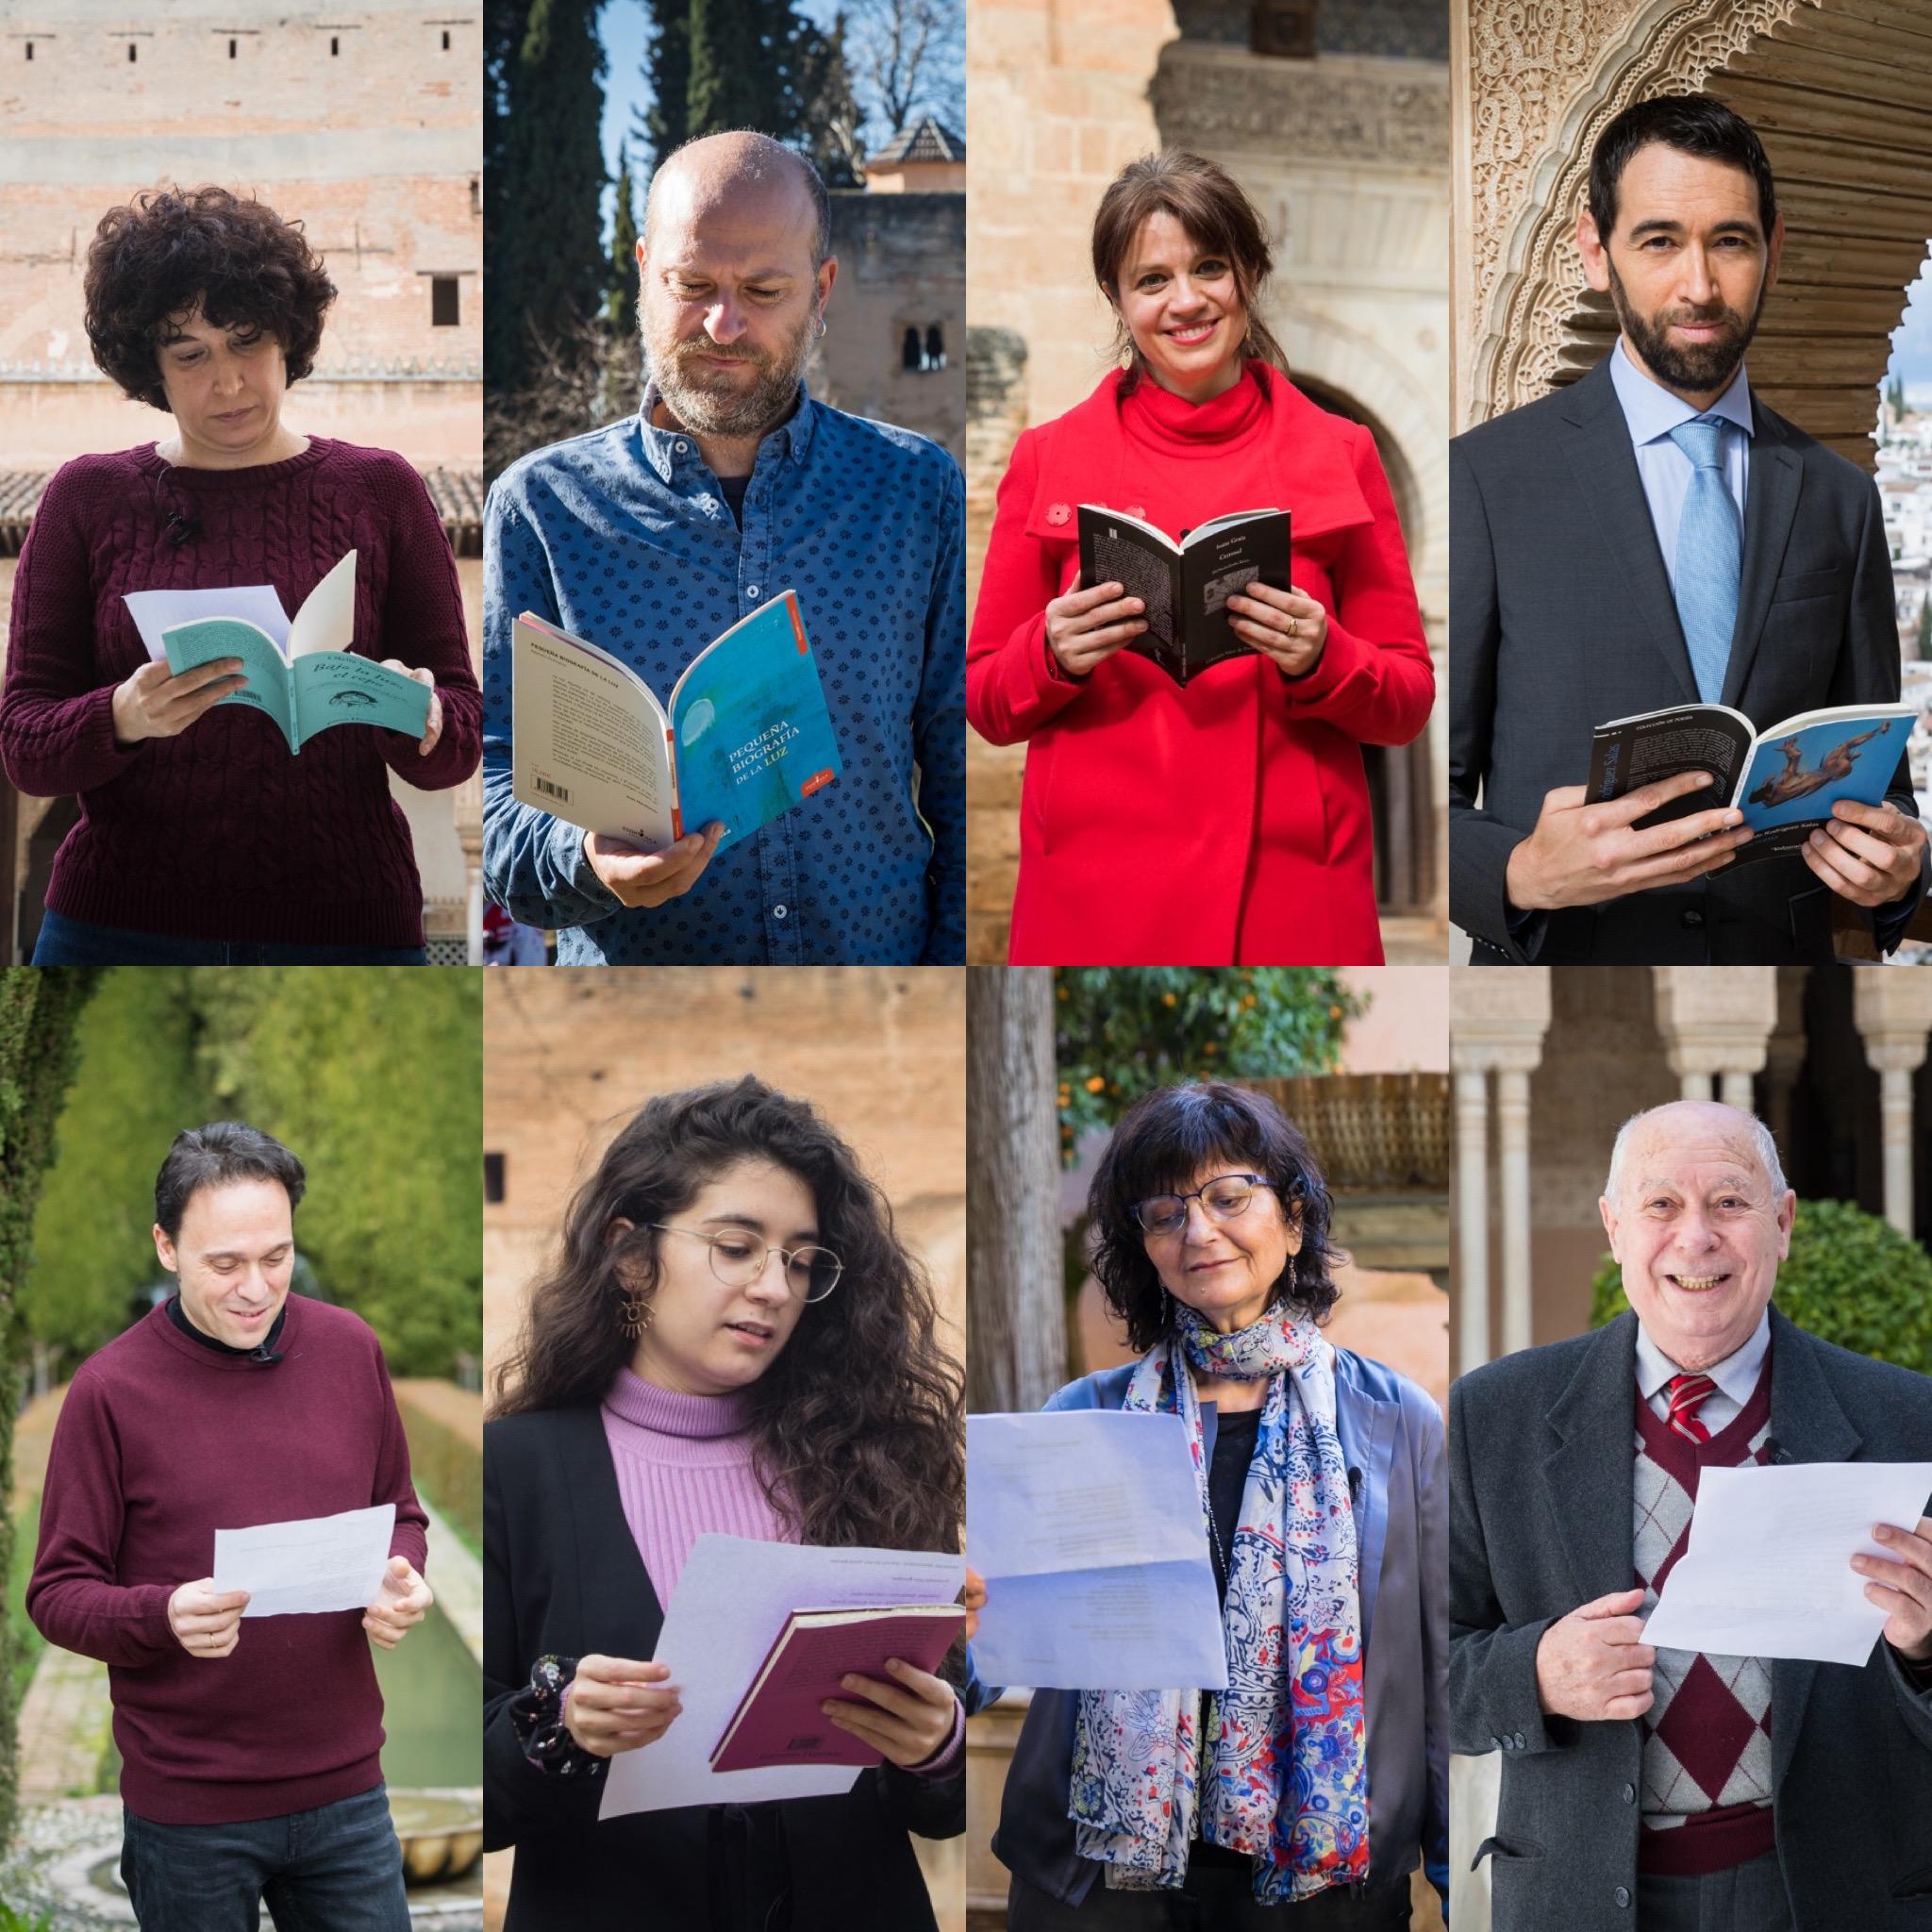 La Alhambra celebra el día de Andalucía recitando poemas de autores andaluces en el monumento